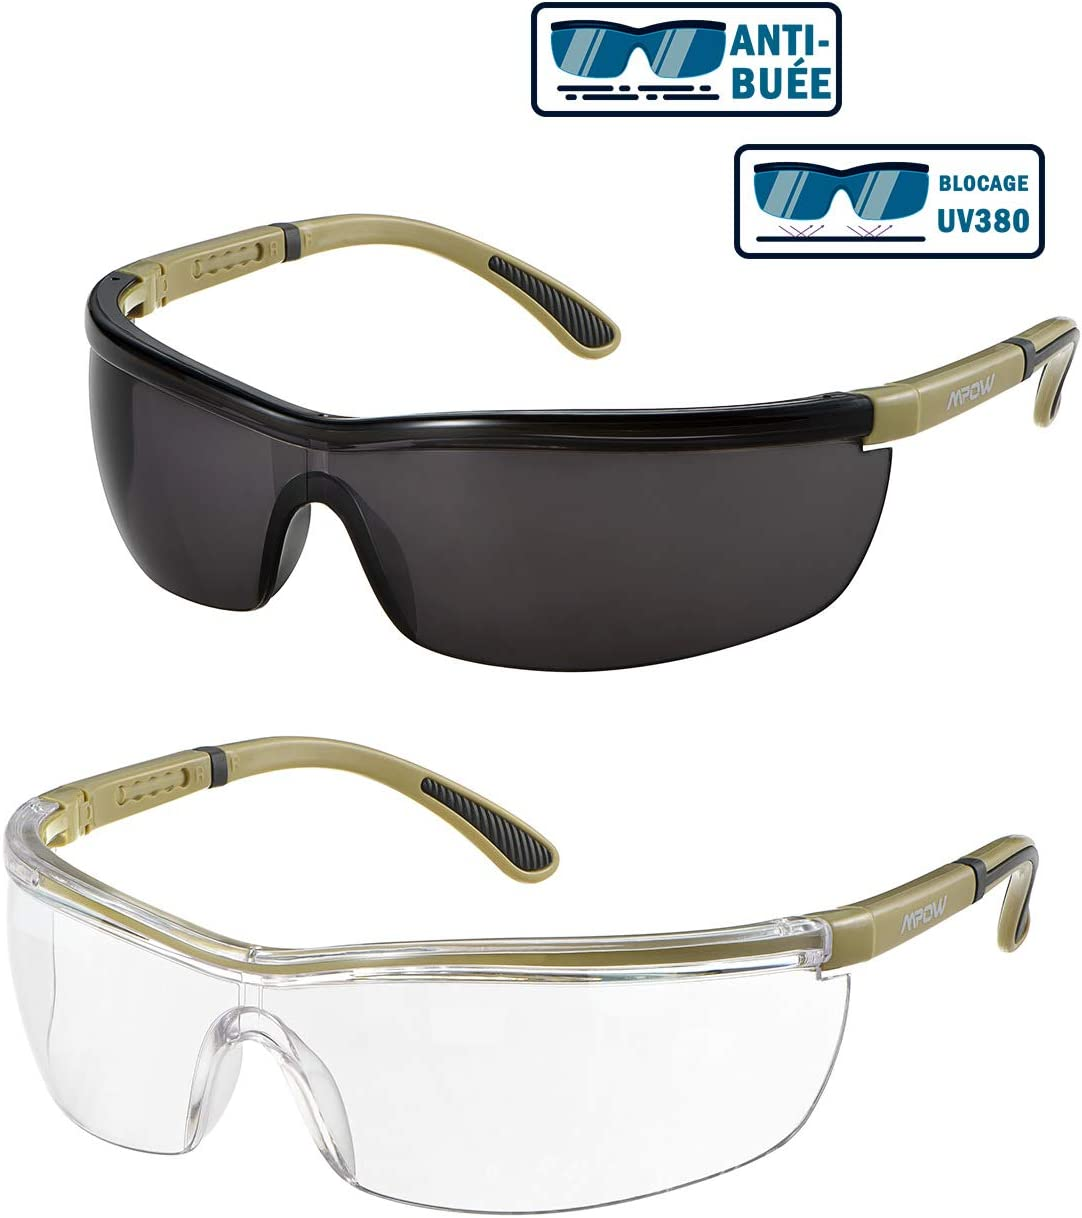 Mpow Gafas de Seguridad, Lentes Transparentes y tintadas antiniebla/rayones, UV 380 / luz Azul/Alta Resistencia al Impacto, Brazos Ajustables, Antideslizantes, 2 Pares